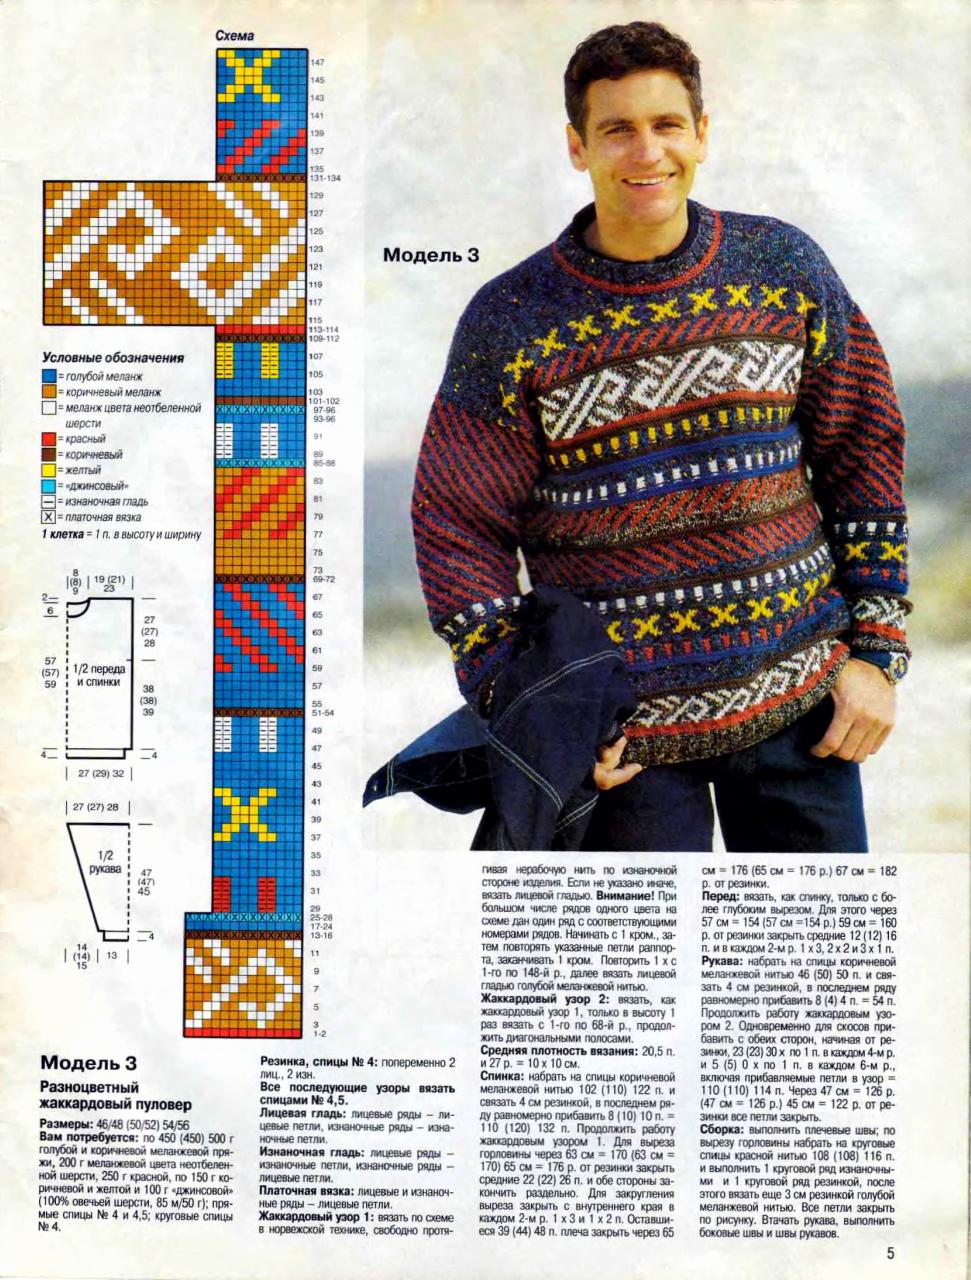 Журнал по вязанию вязание для мужчин вязание